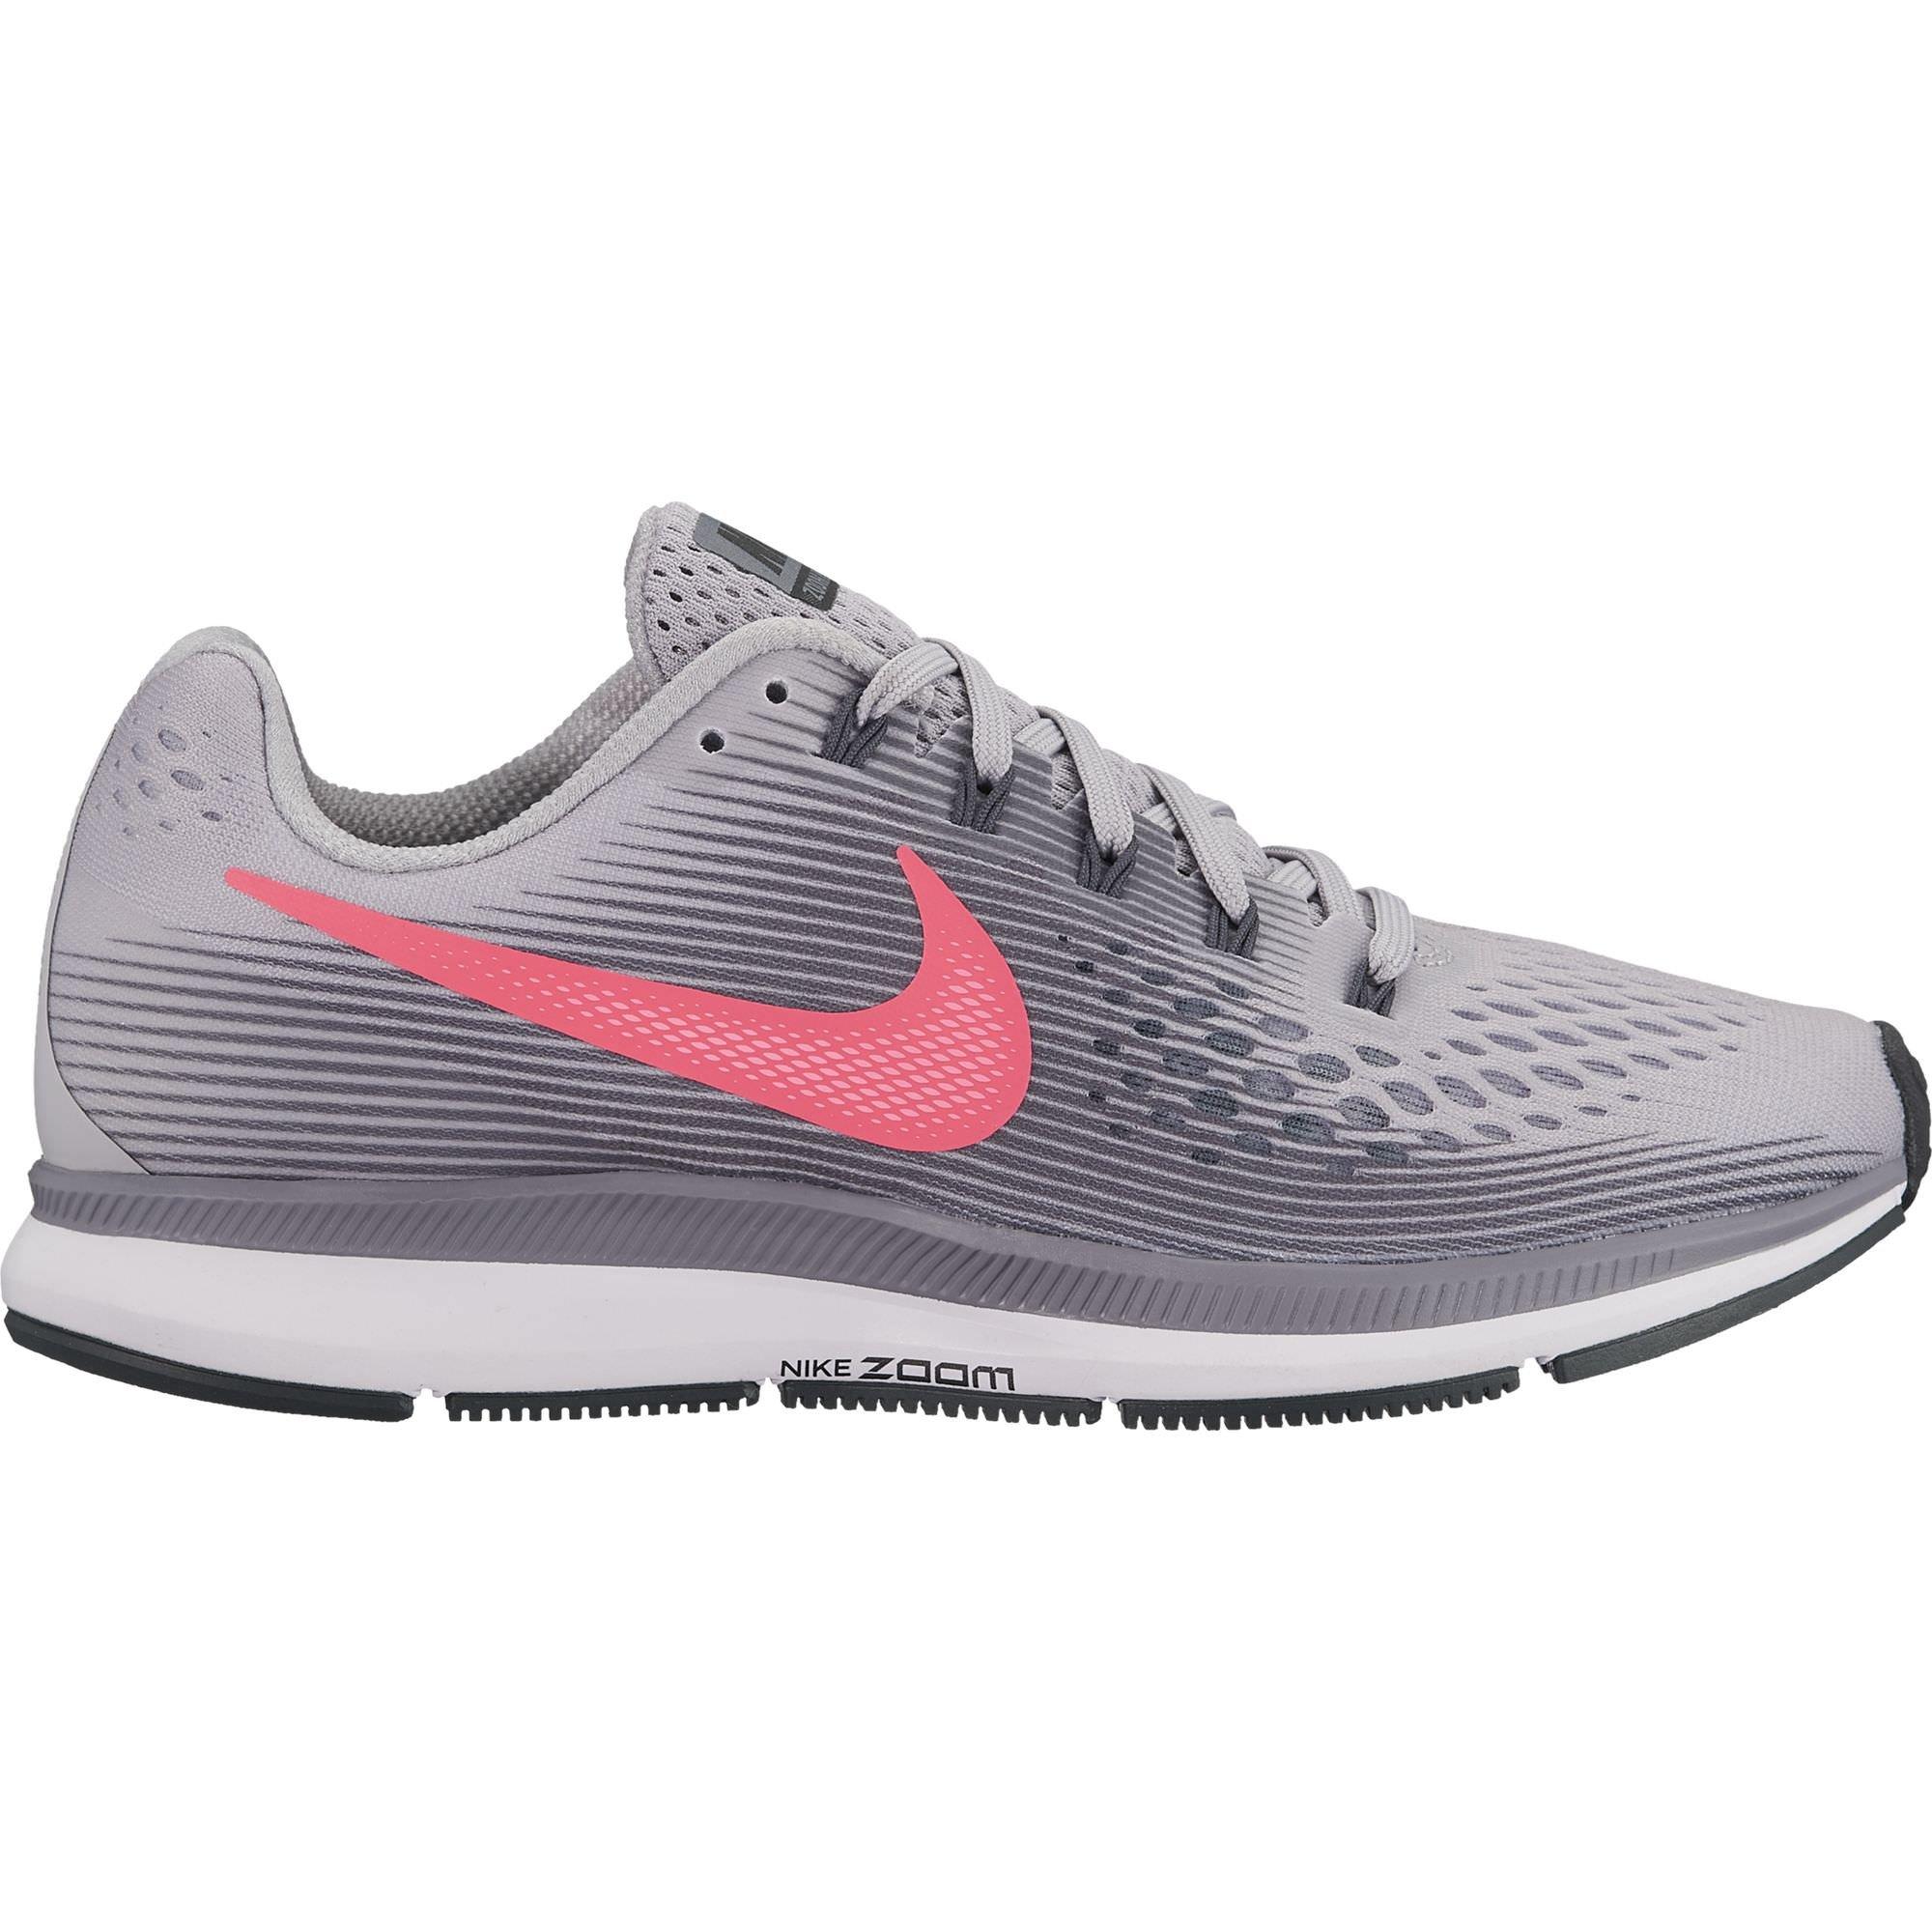 Nike Women's Air Zoom Pegasus 34 Running Shoes (10.5 B US, Atmosphere Grey/Racer Pink/Gunsmoke)